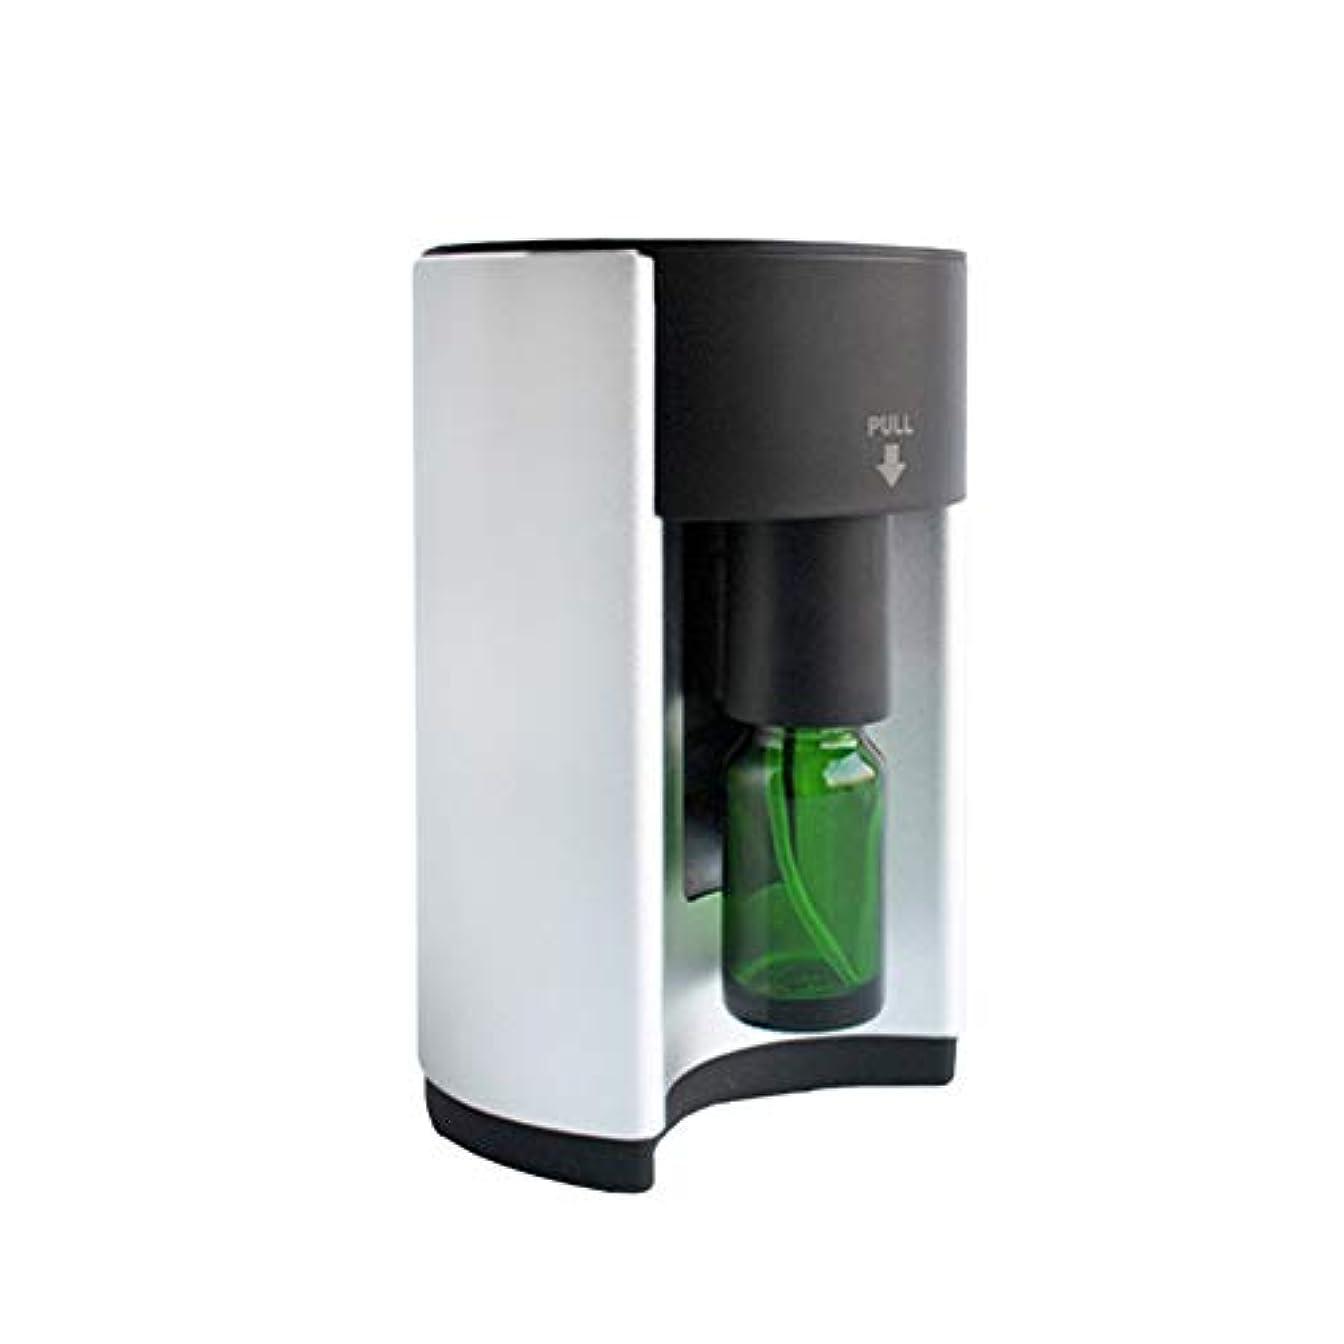 ボール香港重要な役割を果たす、中心的な手段となる広範囲適用 アロマディフューザー ネブライザー式 シルバー アロマオイル アロマグラス 人気 タイマー機能 コンパクトタイプ エッセンシャルオイル 加湿 うるおい